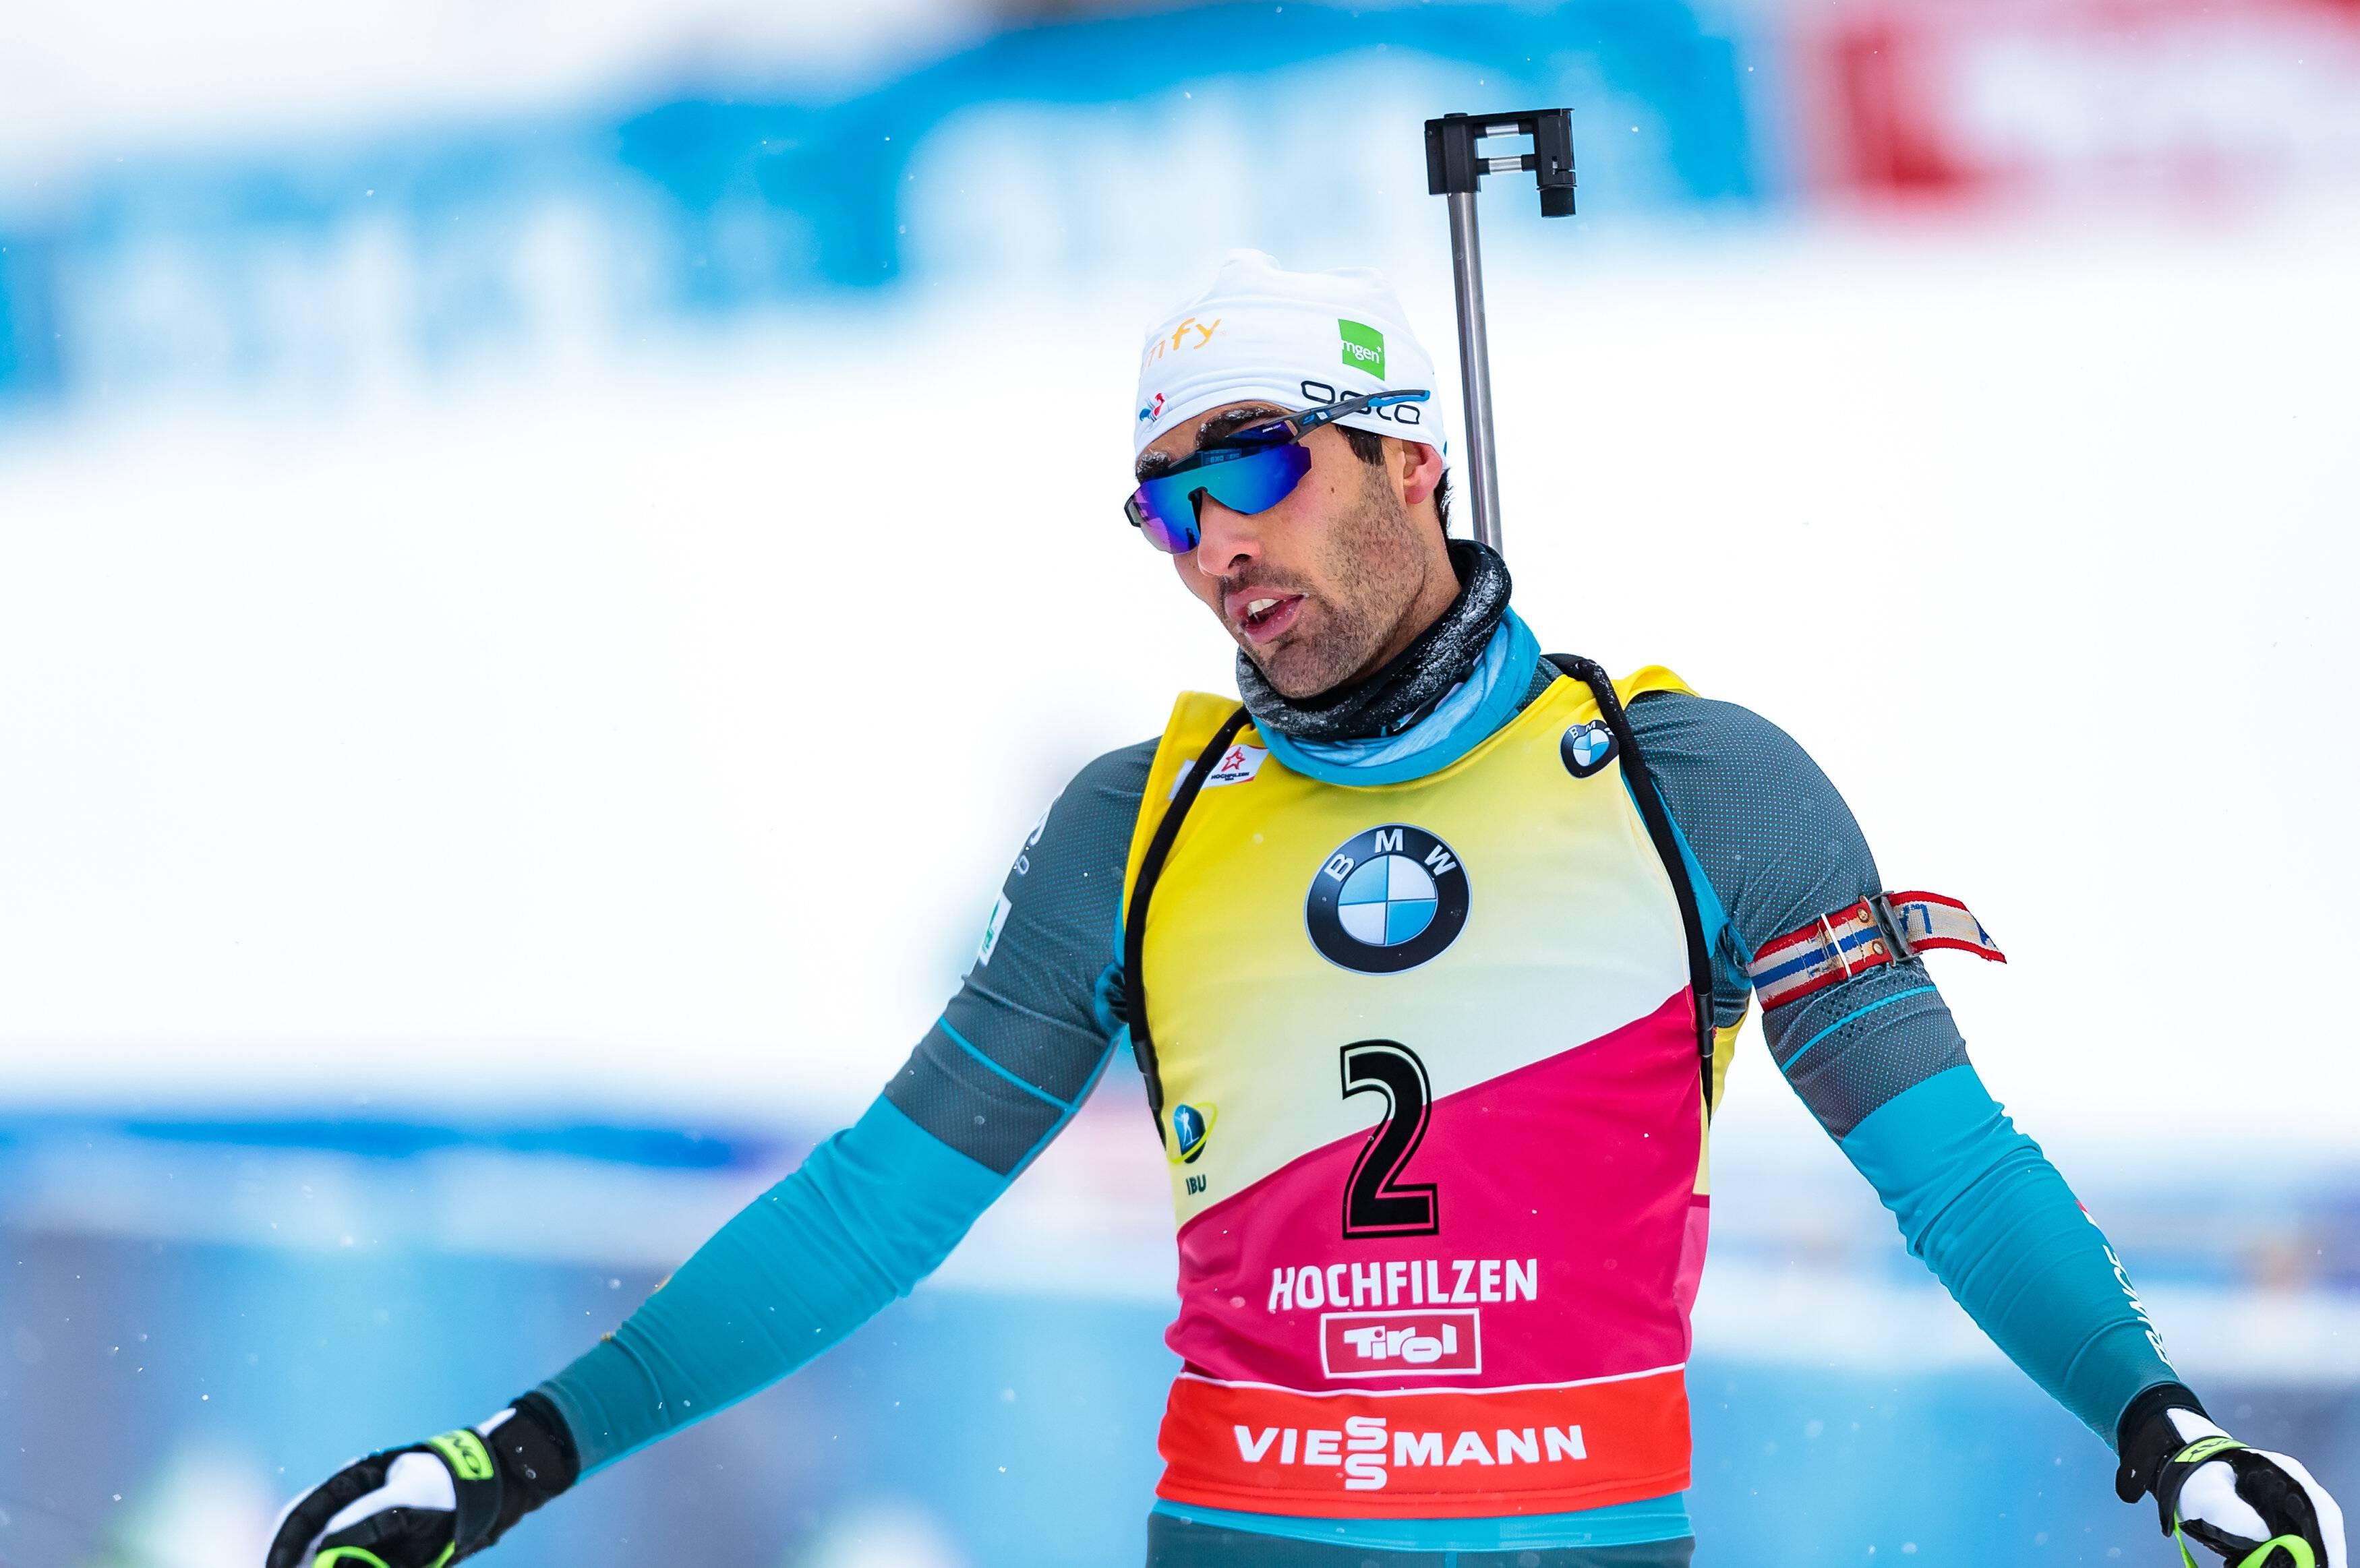 Sports d'hiver - Martin Fourcade veut chasser les doutes